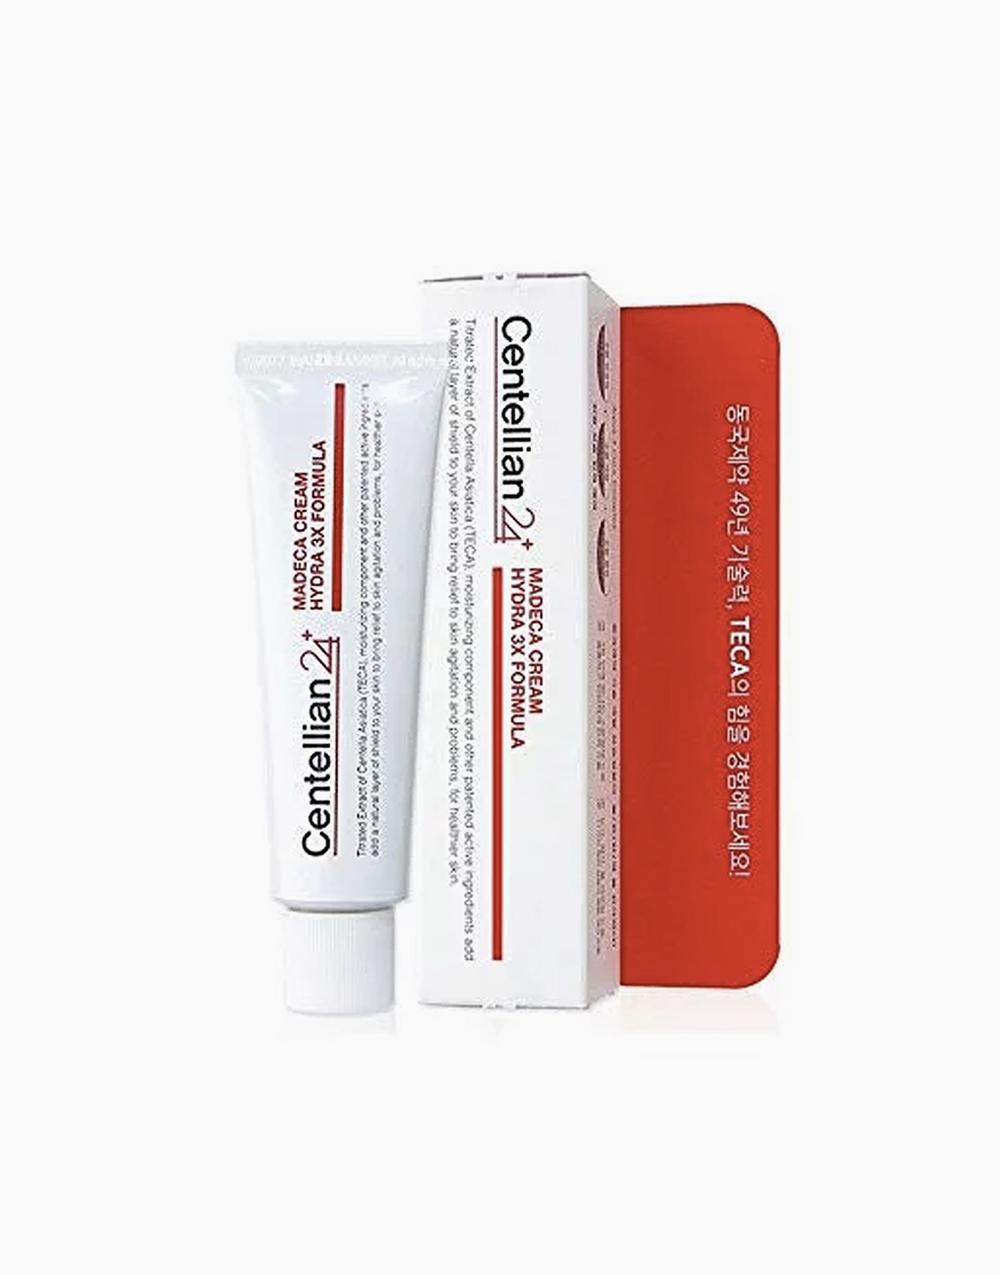 Madeca Cream Hydra 3X Formula (Centella Hydrating Formula Season III) (50ml) by Centellian24